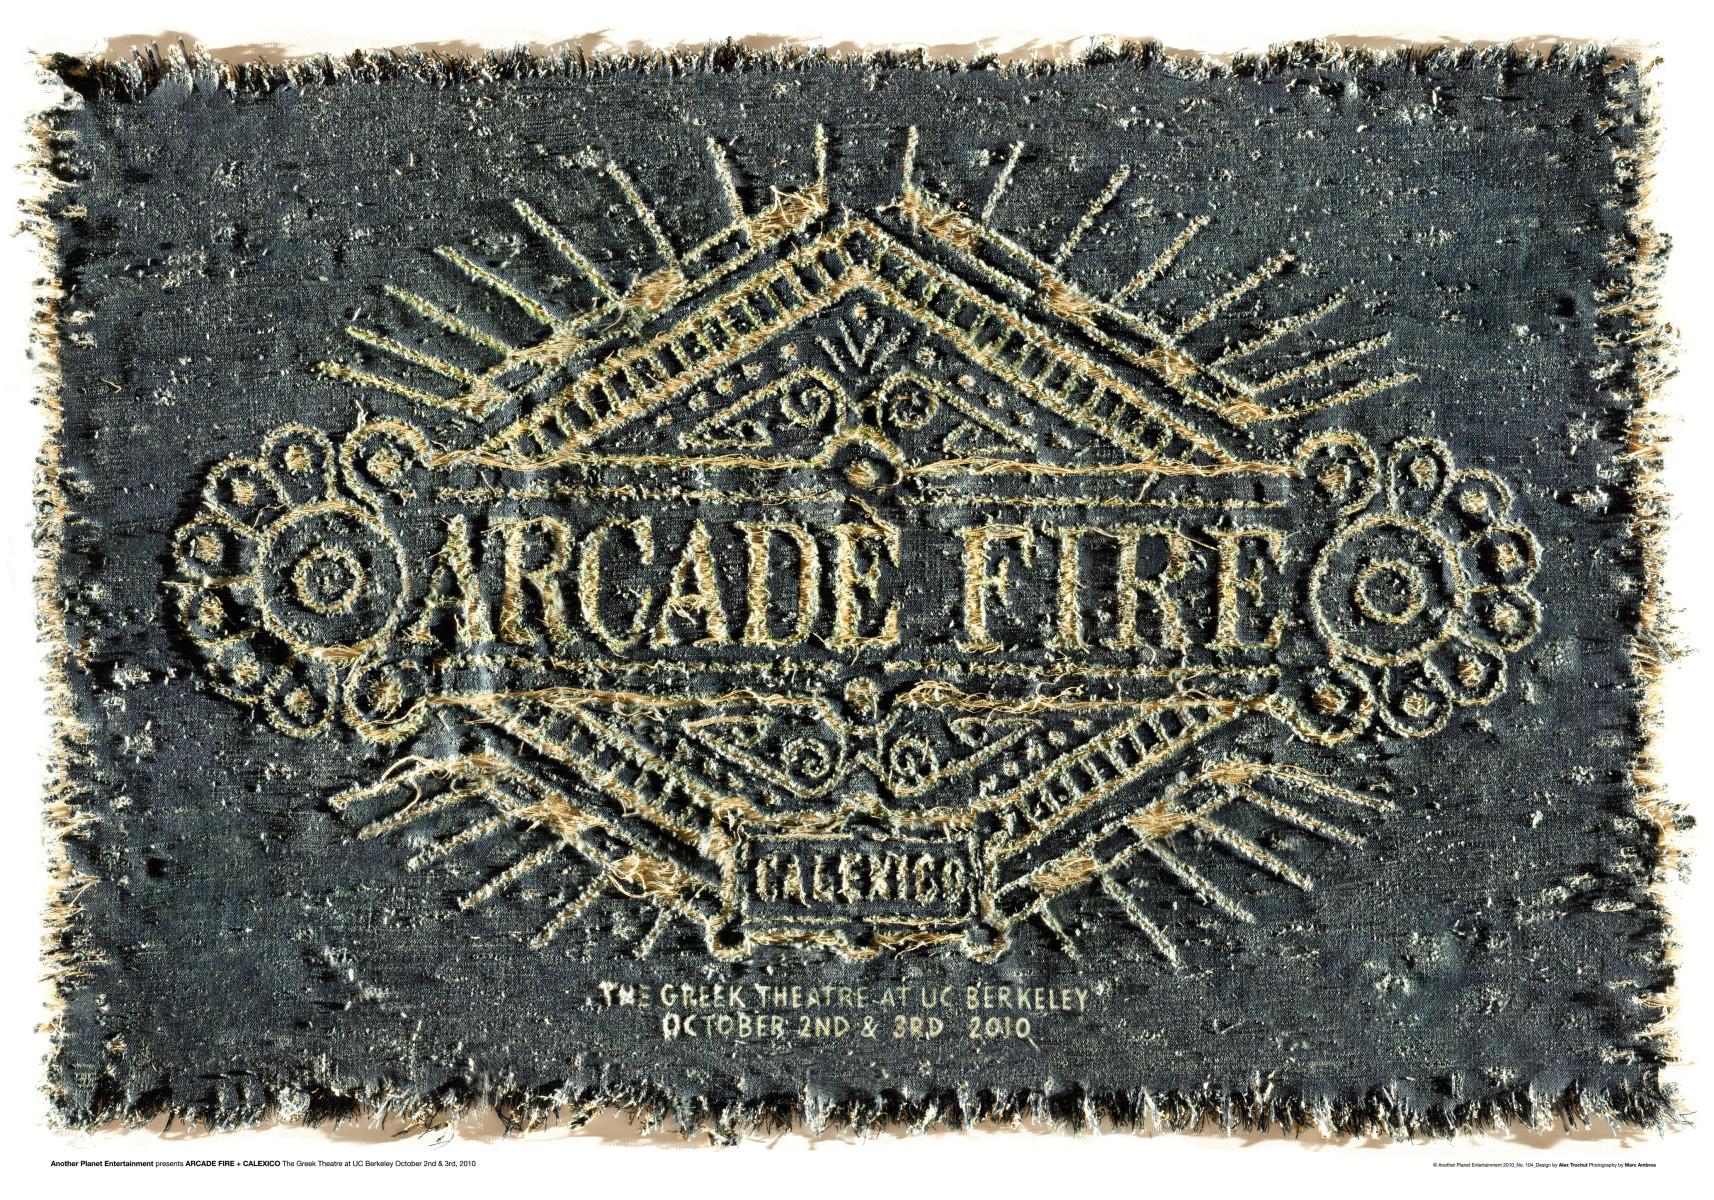 arcade_fire_poster_ok-1714x1200